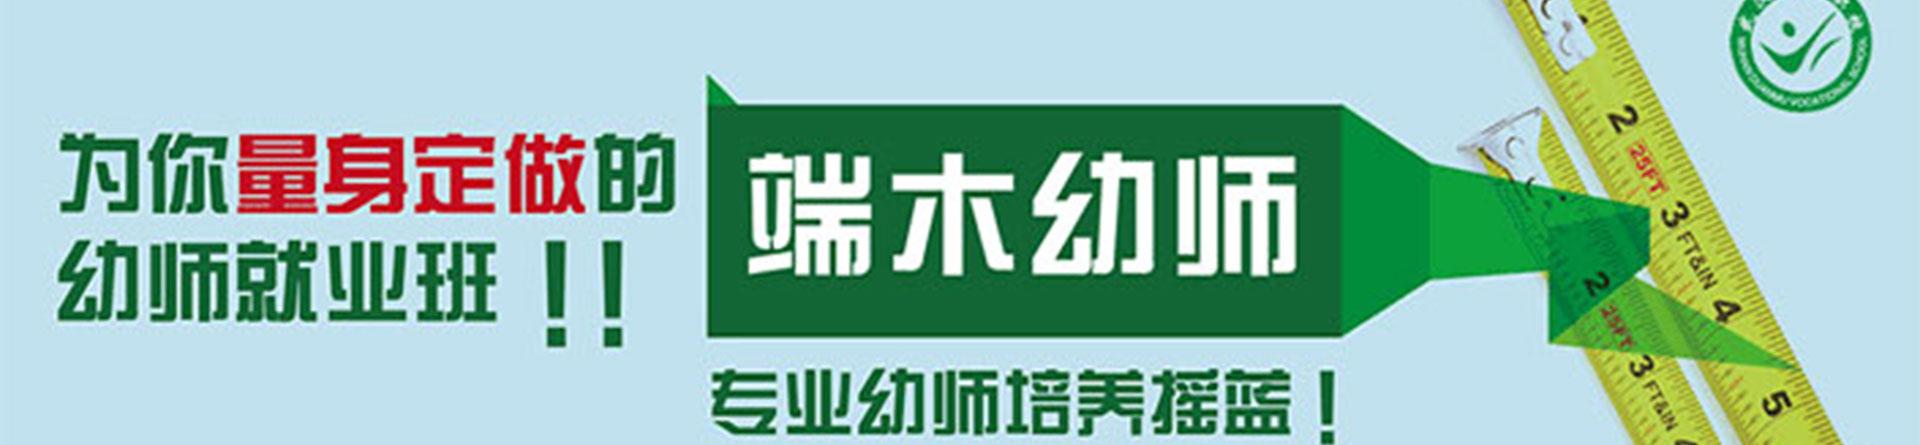 郑州端木幼师学校